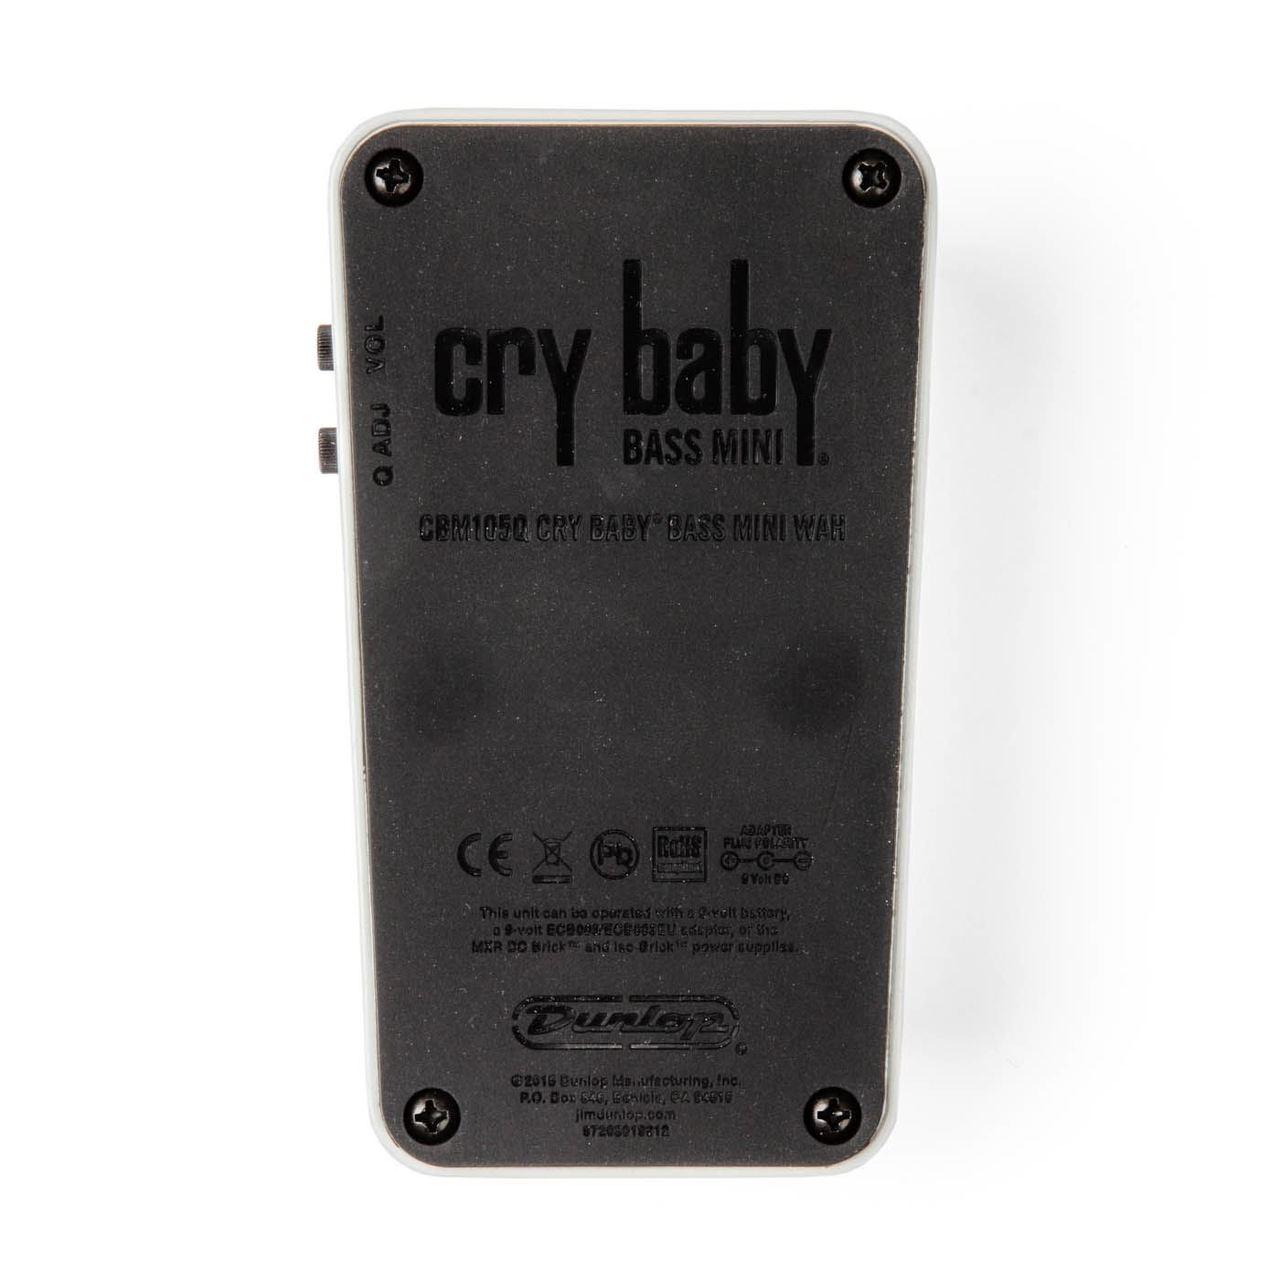 Dunlop CBM105Q Cry Baby Bass Mini Wah pedal